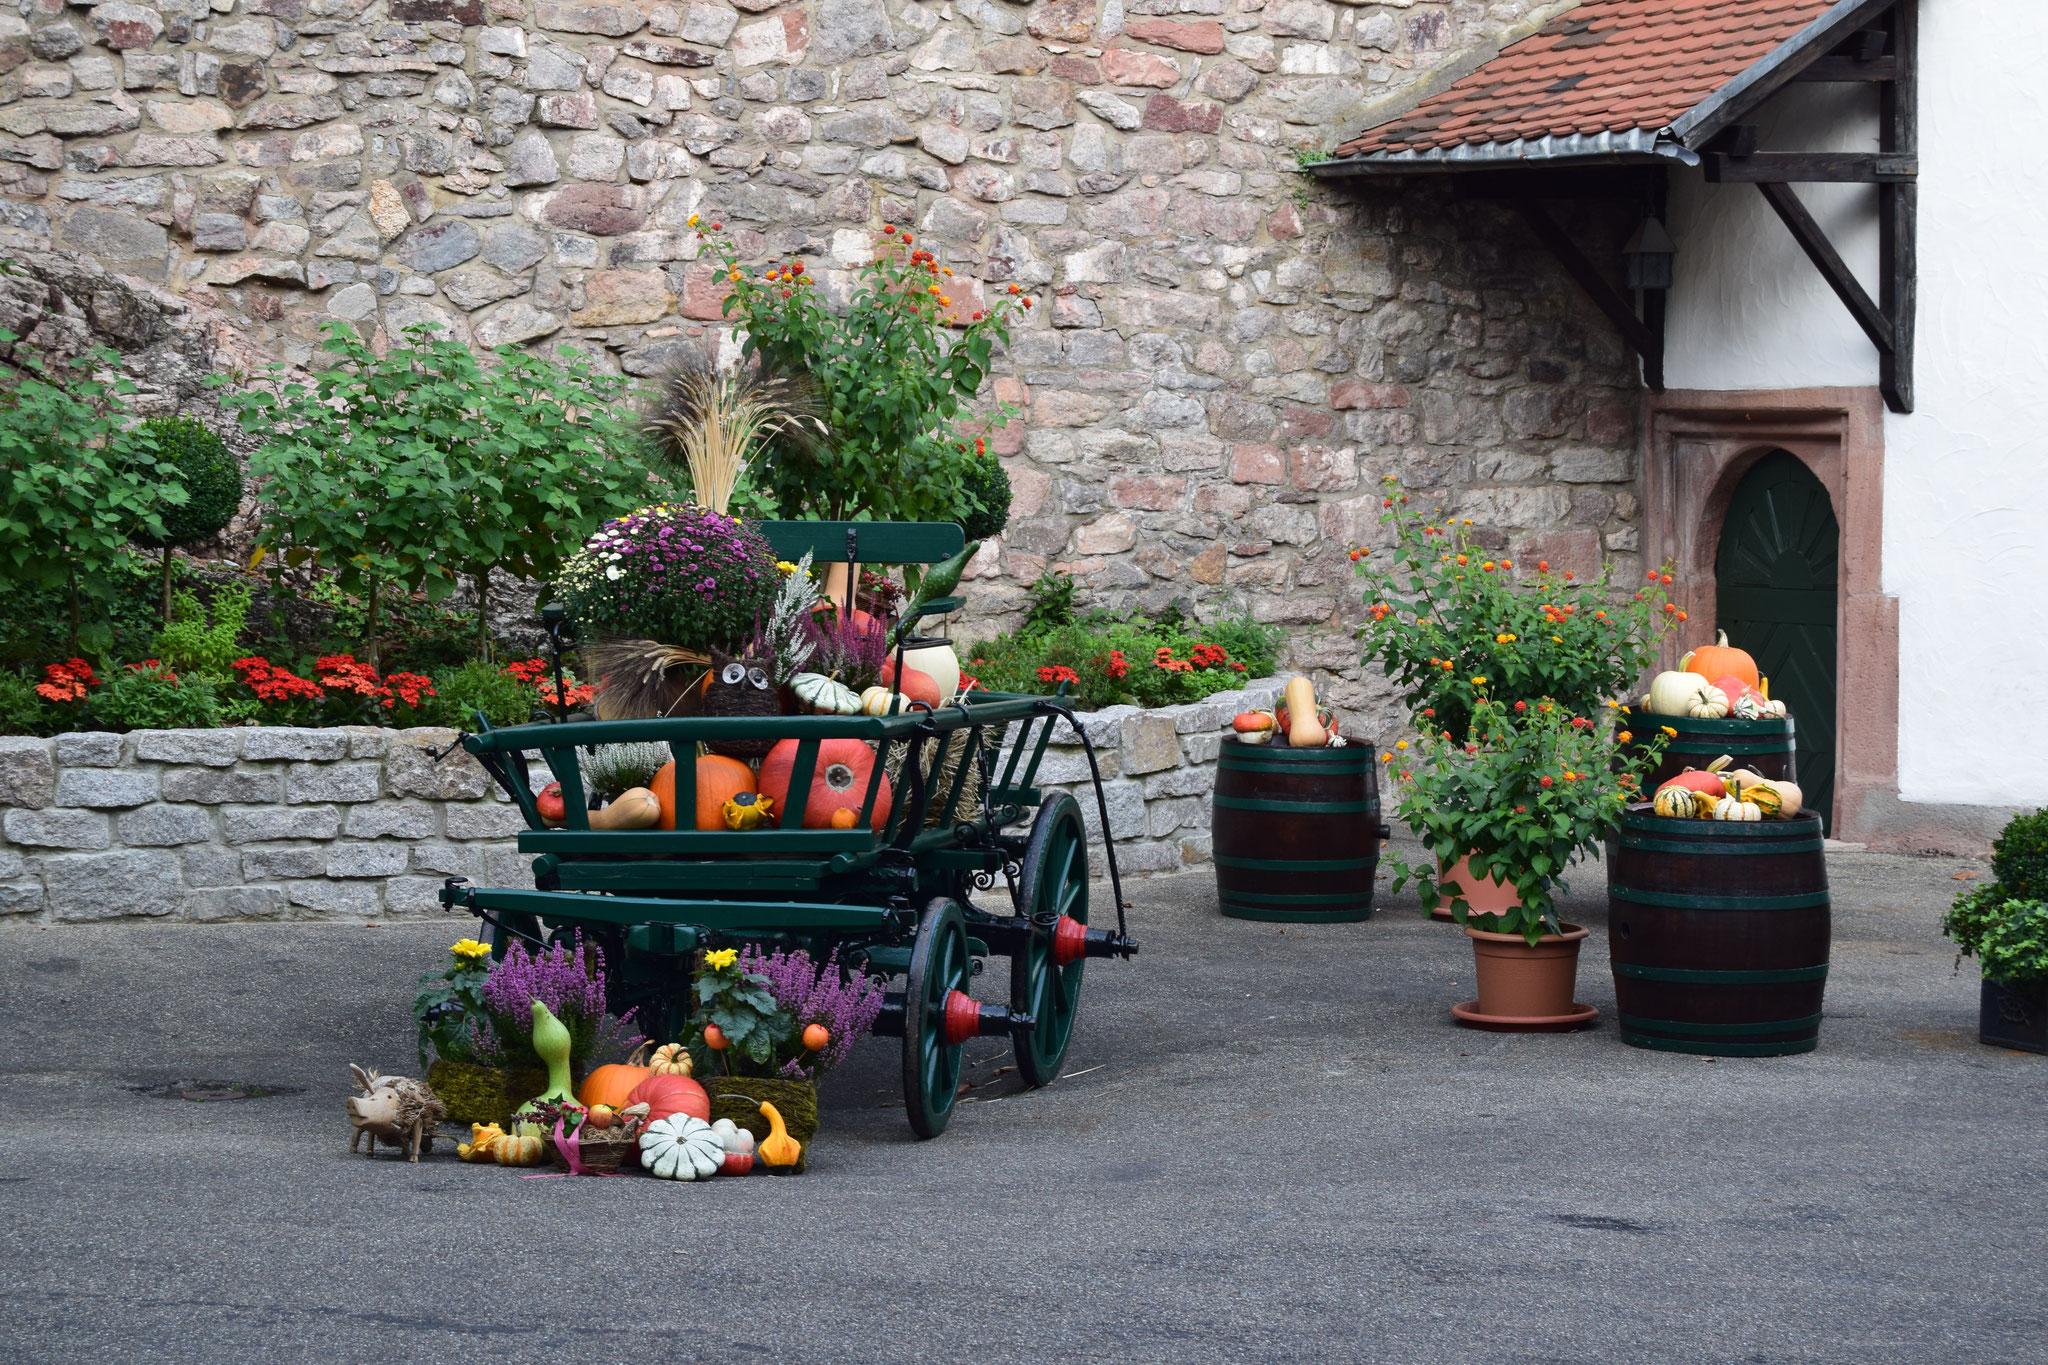 09-16 herbstliche Impressionen im Schlosshof